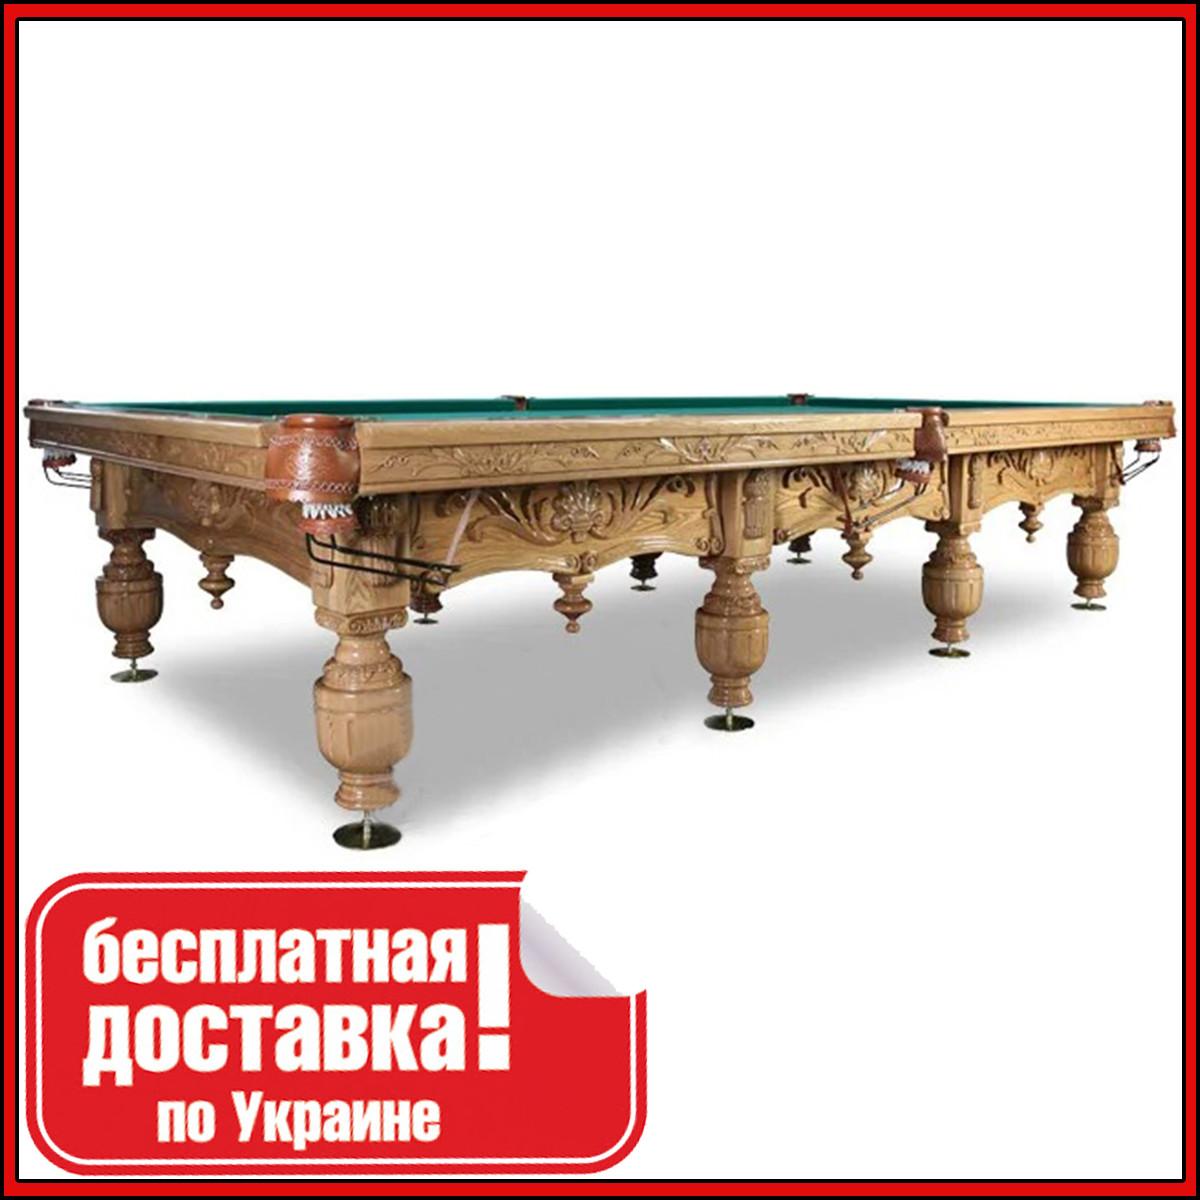 Більярдний стіл МОНАРХ 10 футів Ардезія 38 мм 2.8 м х 1.4 м з натурального дерева